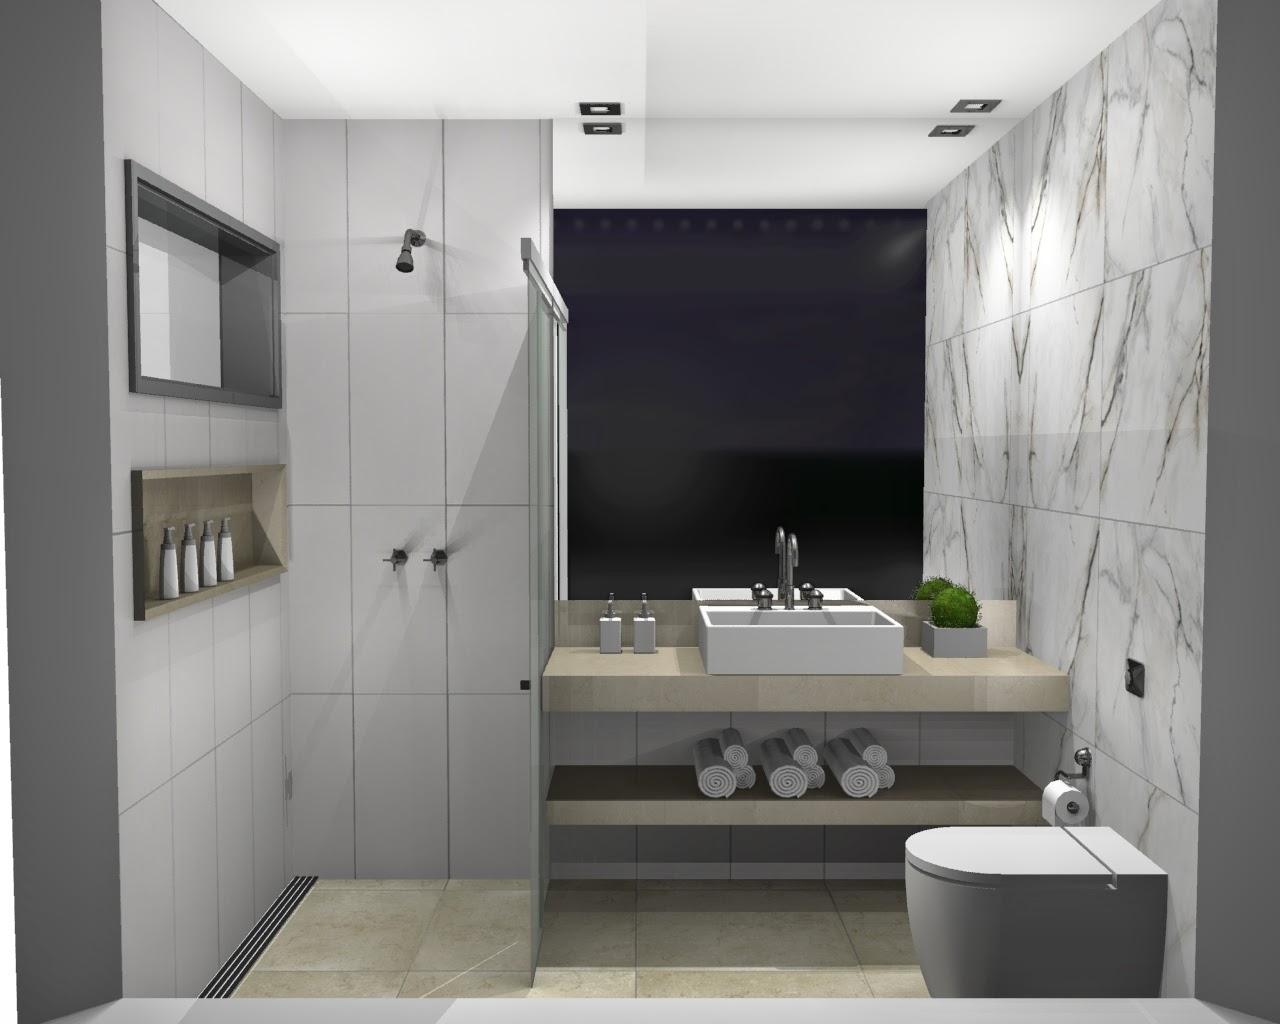 paredes) Revestimento branco acetinado tamanho 30x60 e retificado  #4B5D2F 1280x1024 Banheiro Bancada Porcelanato